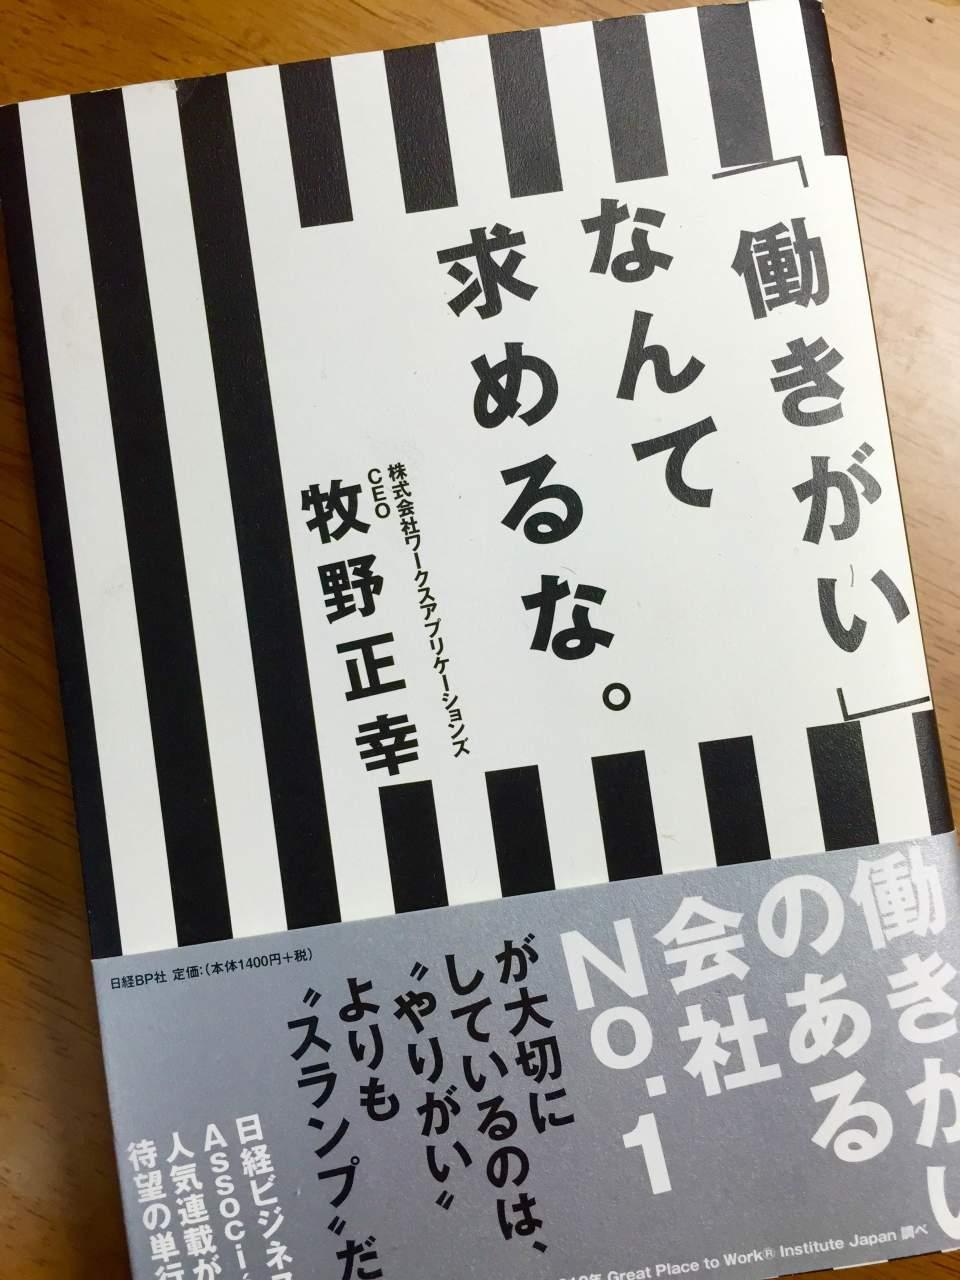 仕事のやりがいは成長に繋がらない。理想の経営者No.1・牧野正幸氏の『働きがいなんて求めるな。』 1番目の画像